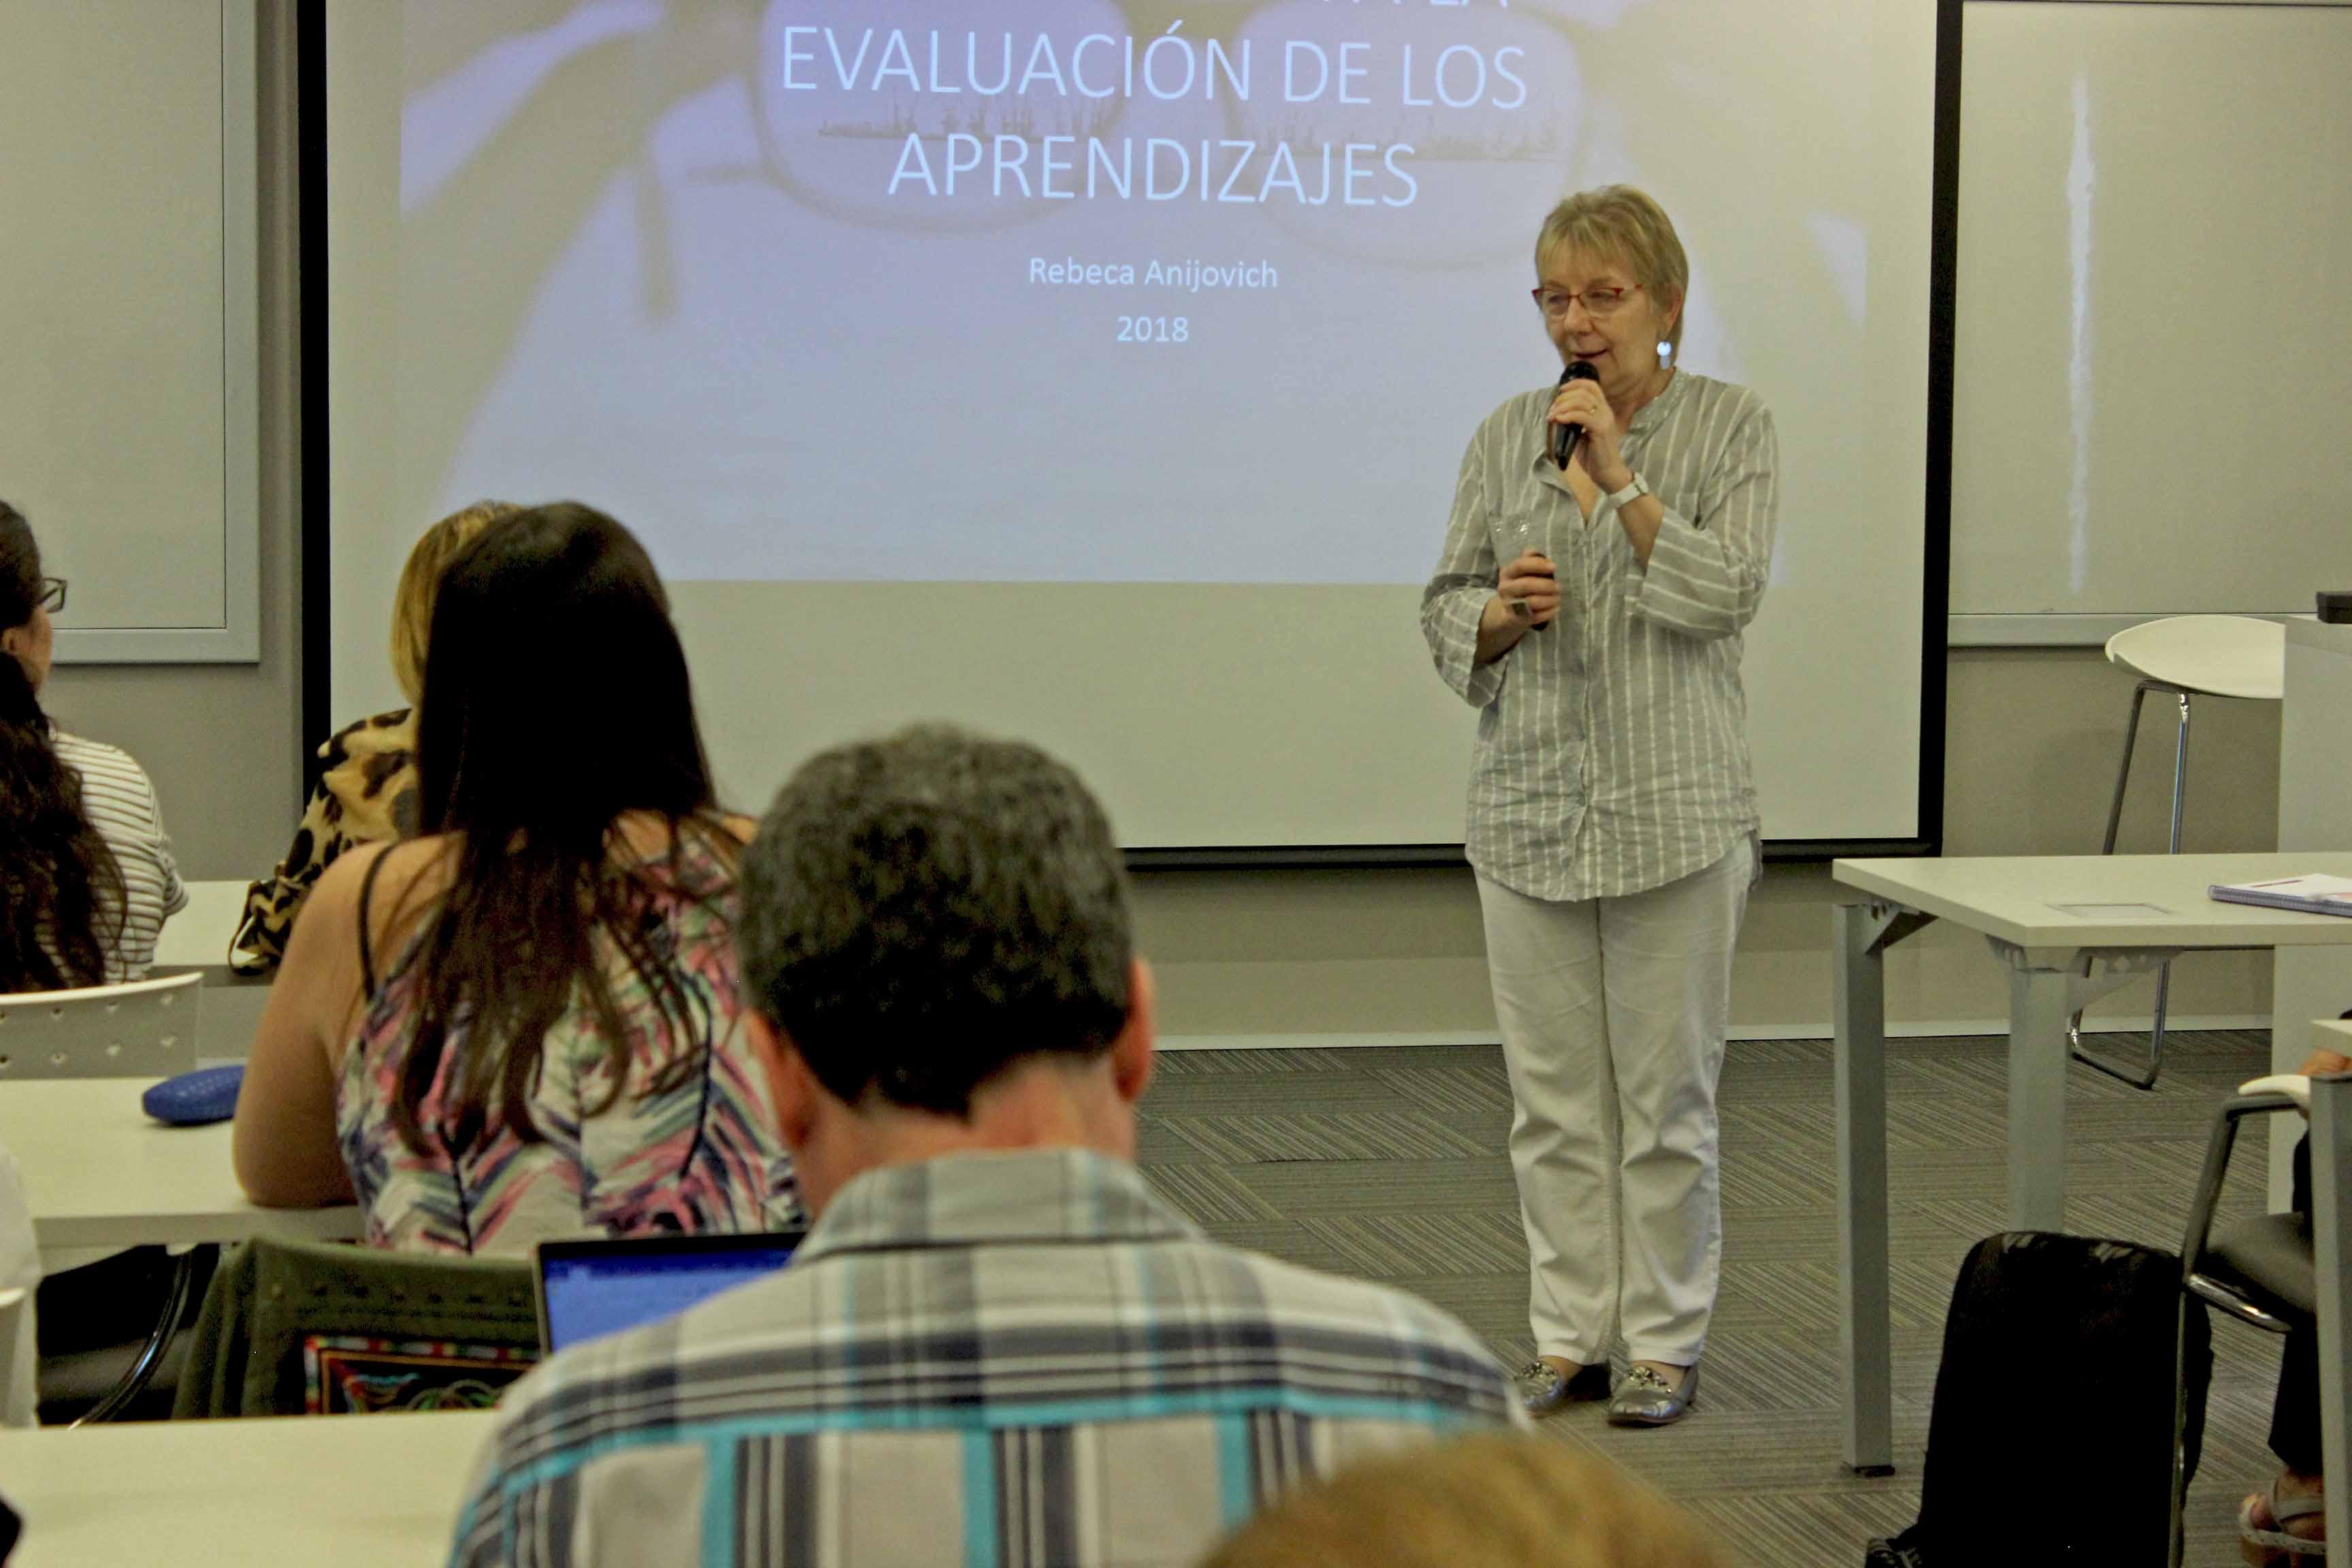 Mirada sobre la evaluación con énfasis en la formación